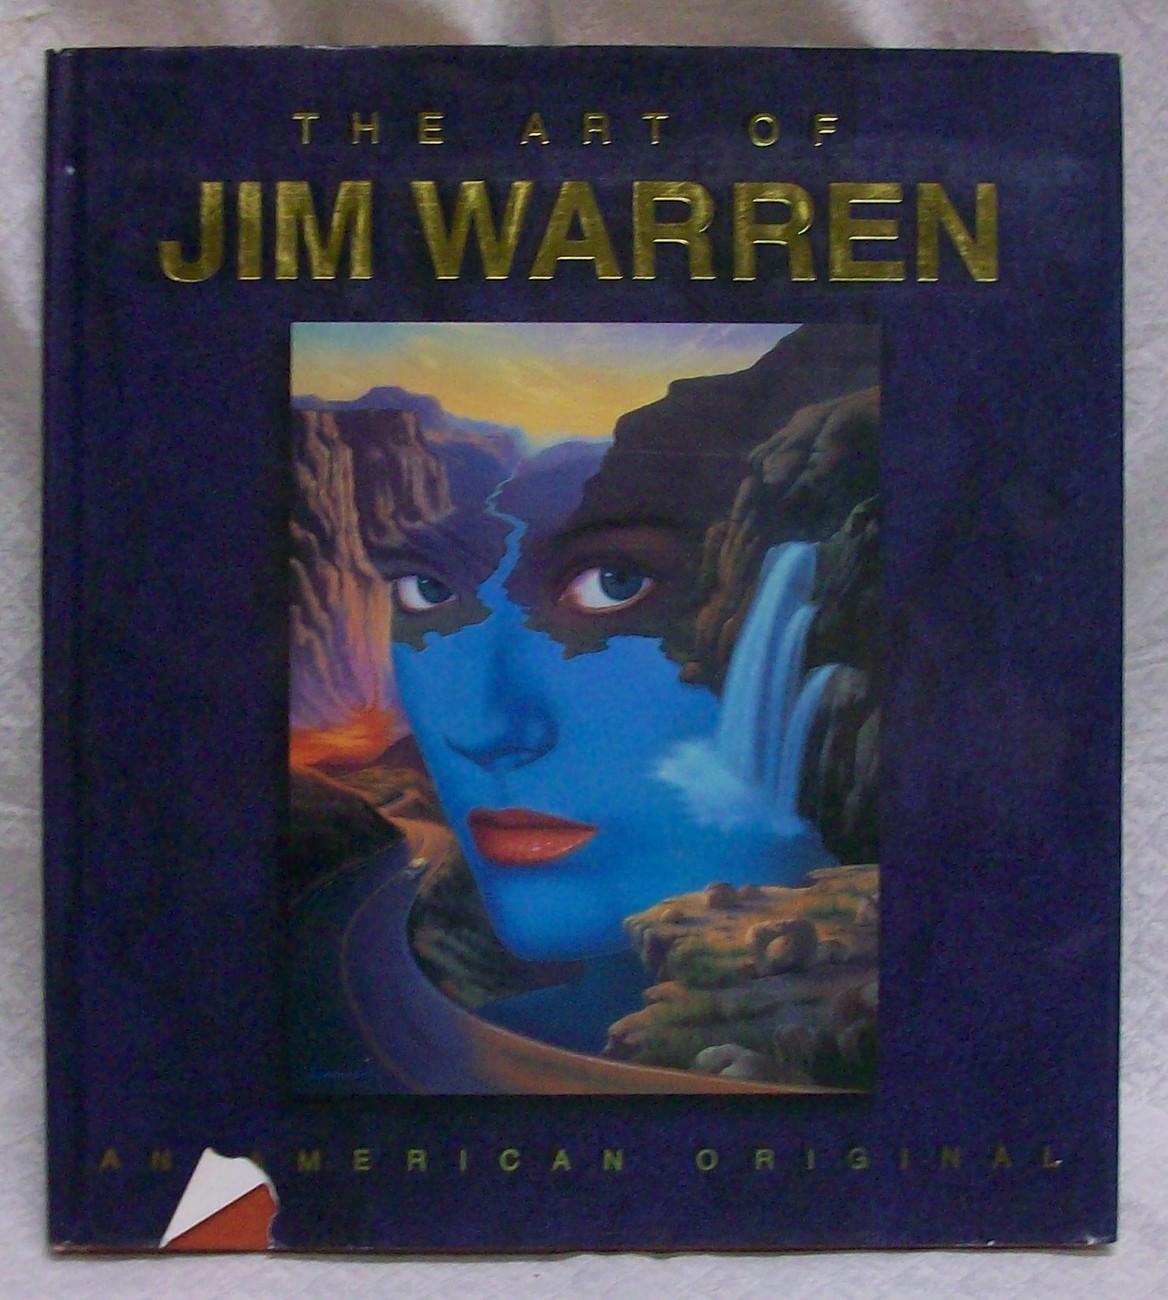 Jimwarren